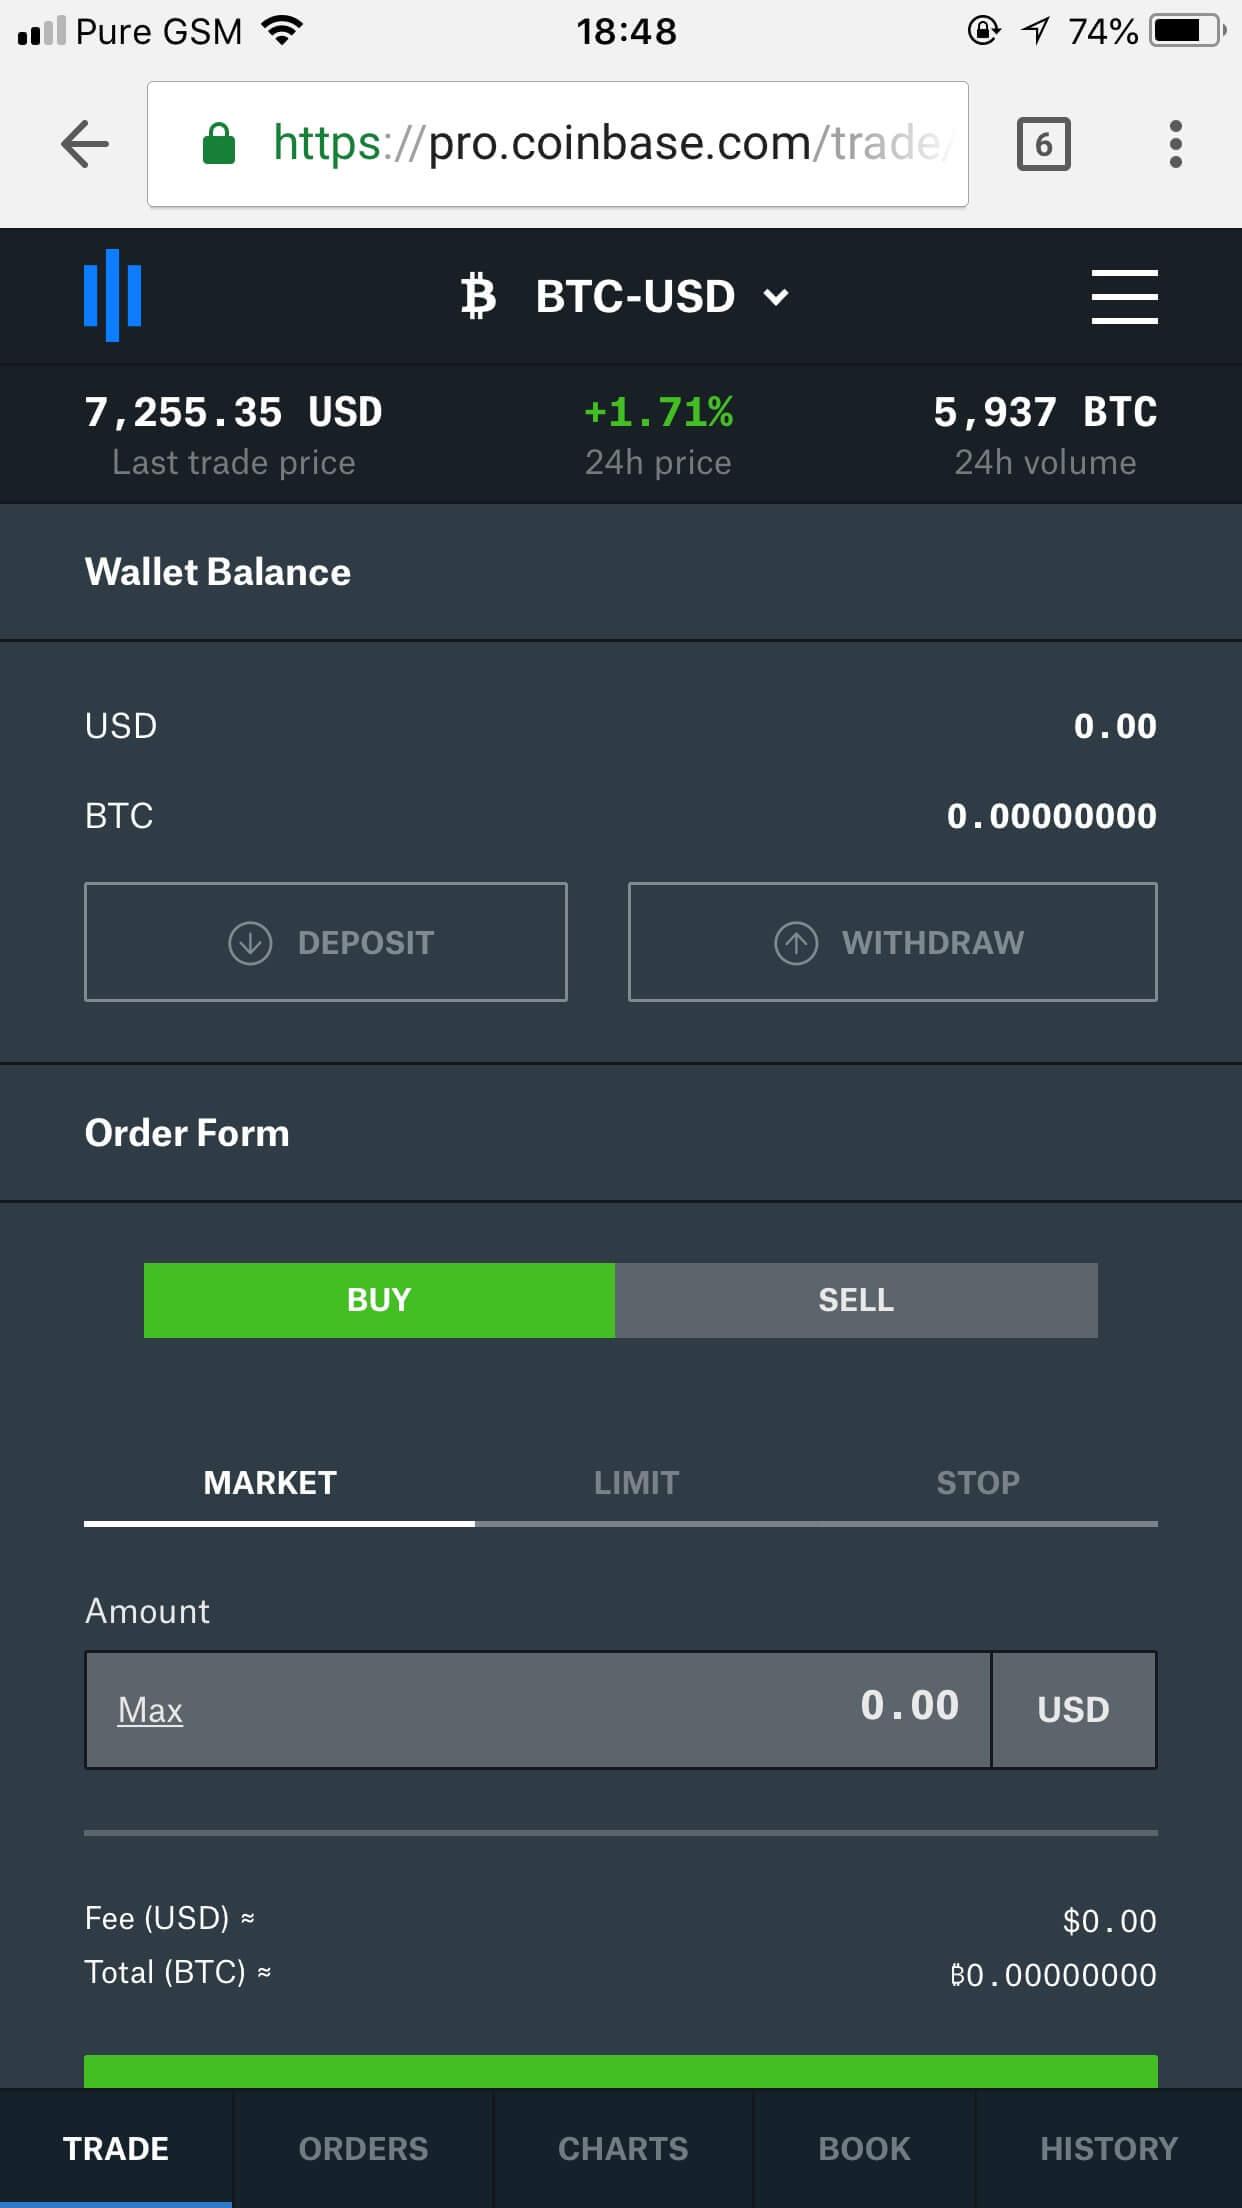 Coinbase Pro Mobile